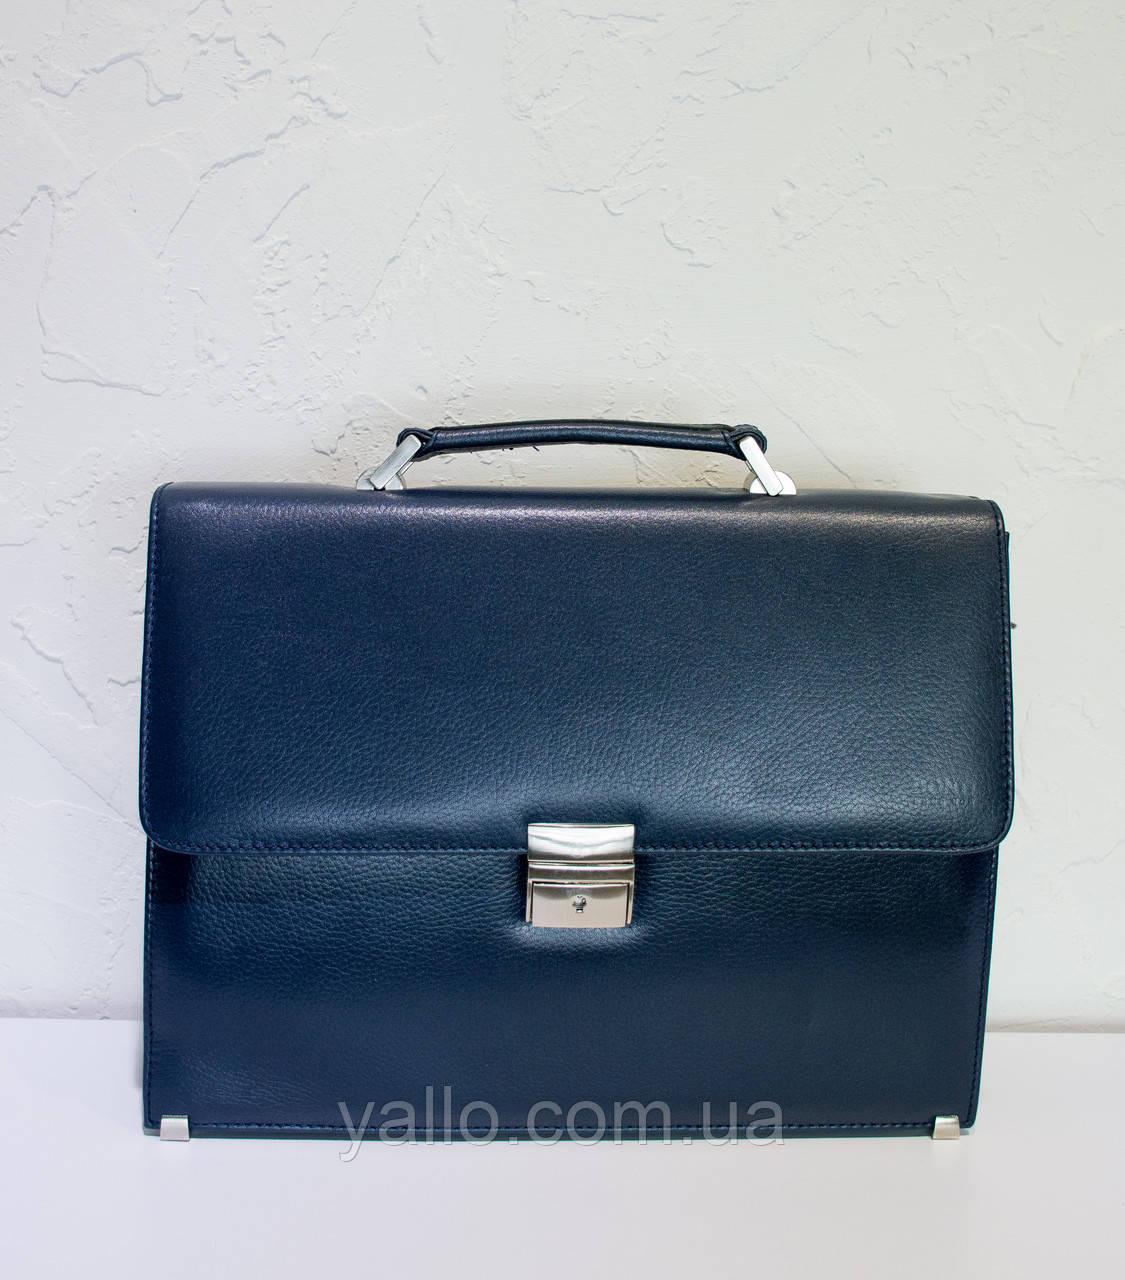 Мужской  кожаный портфель BOND 1283-1170